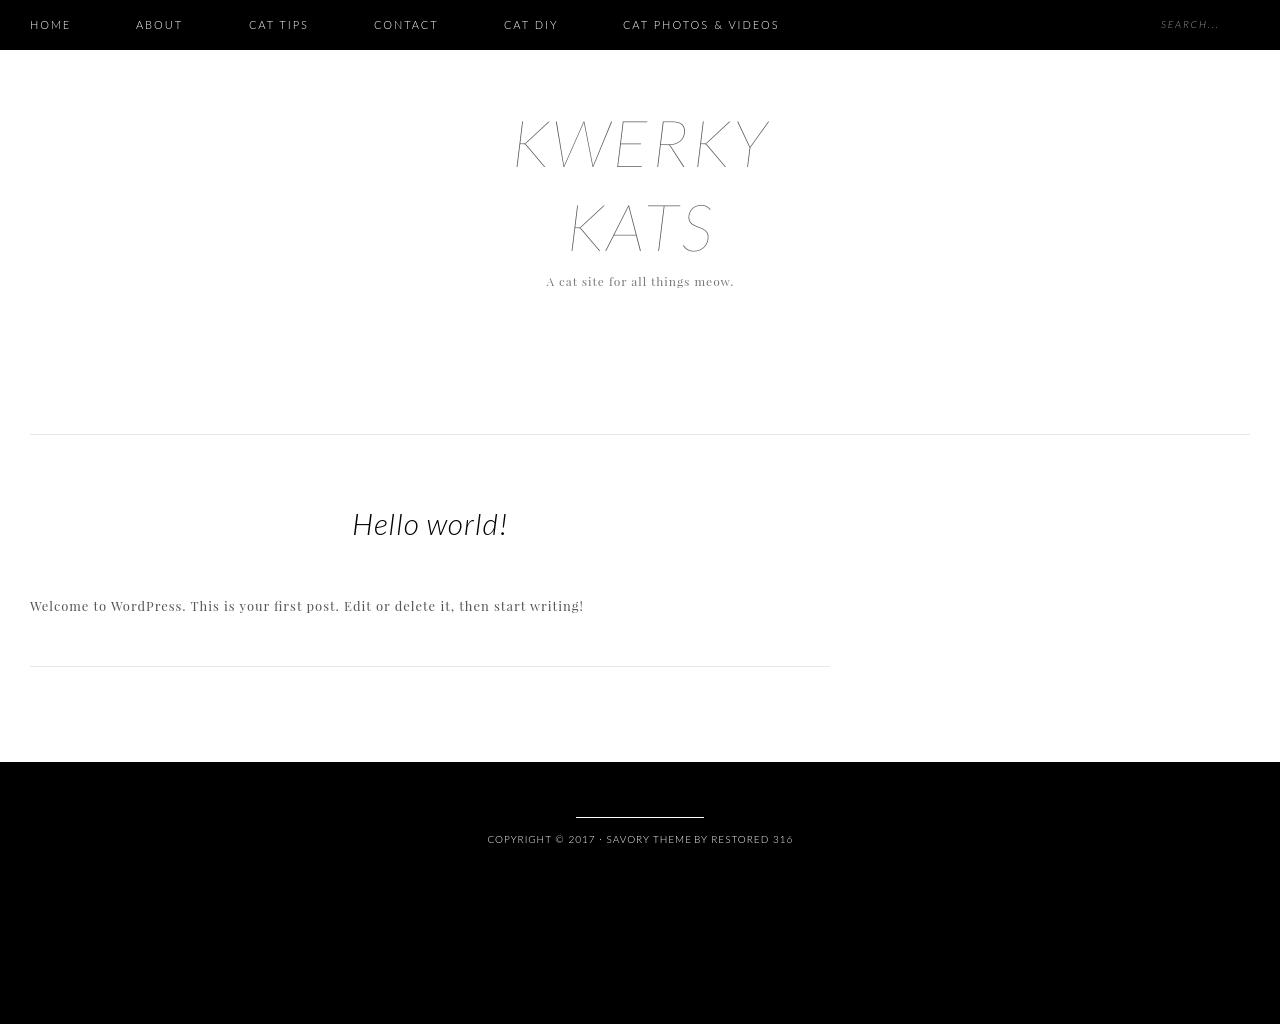 Kwerky-Kats-Advertising-Reviews-Pricing